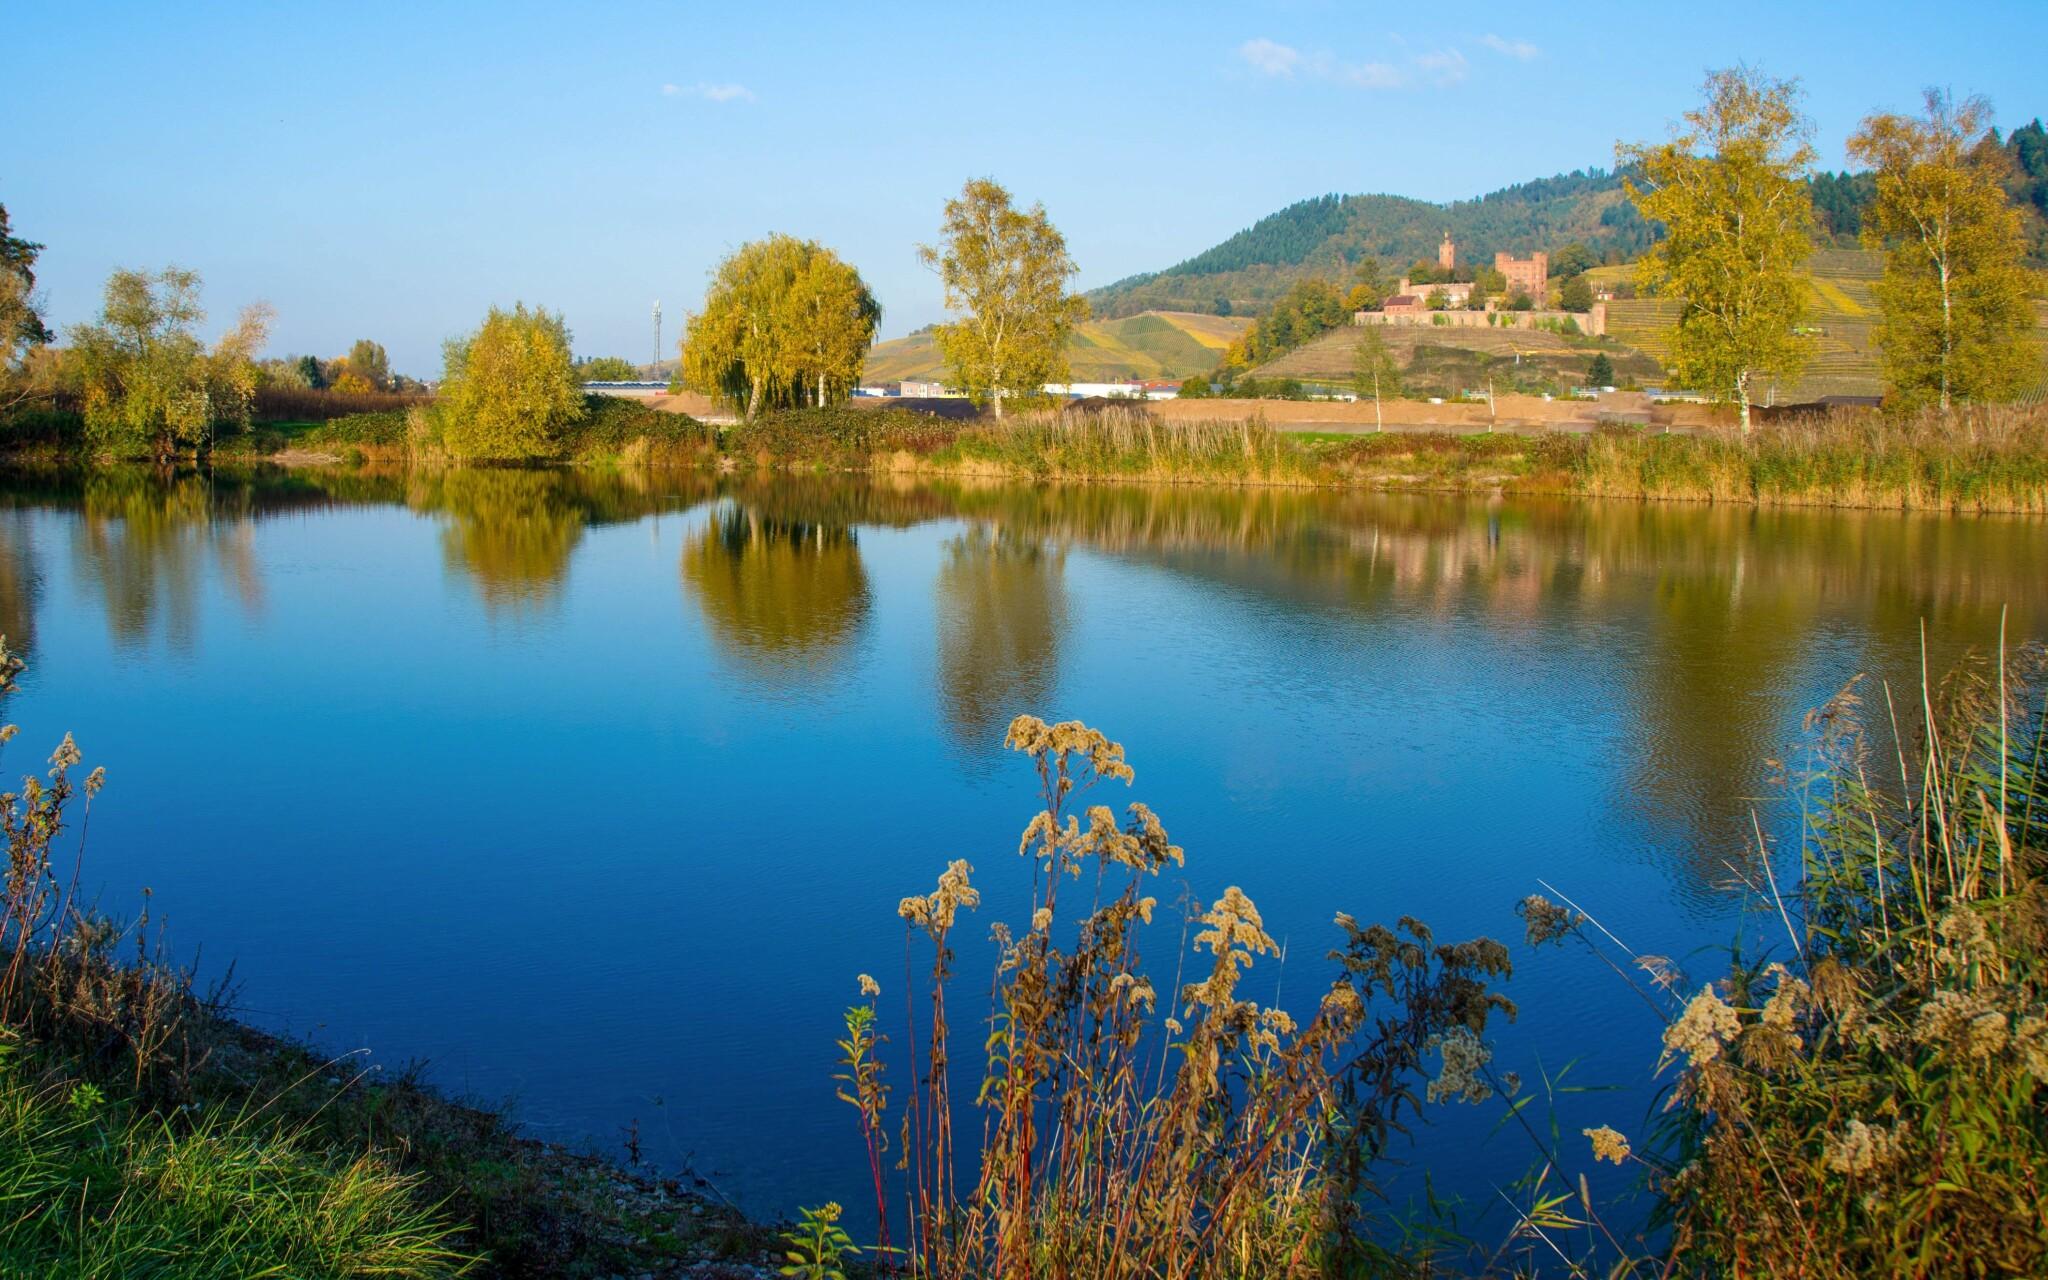 V okolí je veľa pamiatok a krásnej prírody